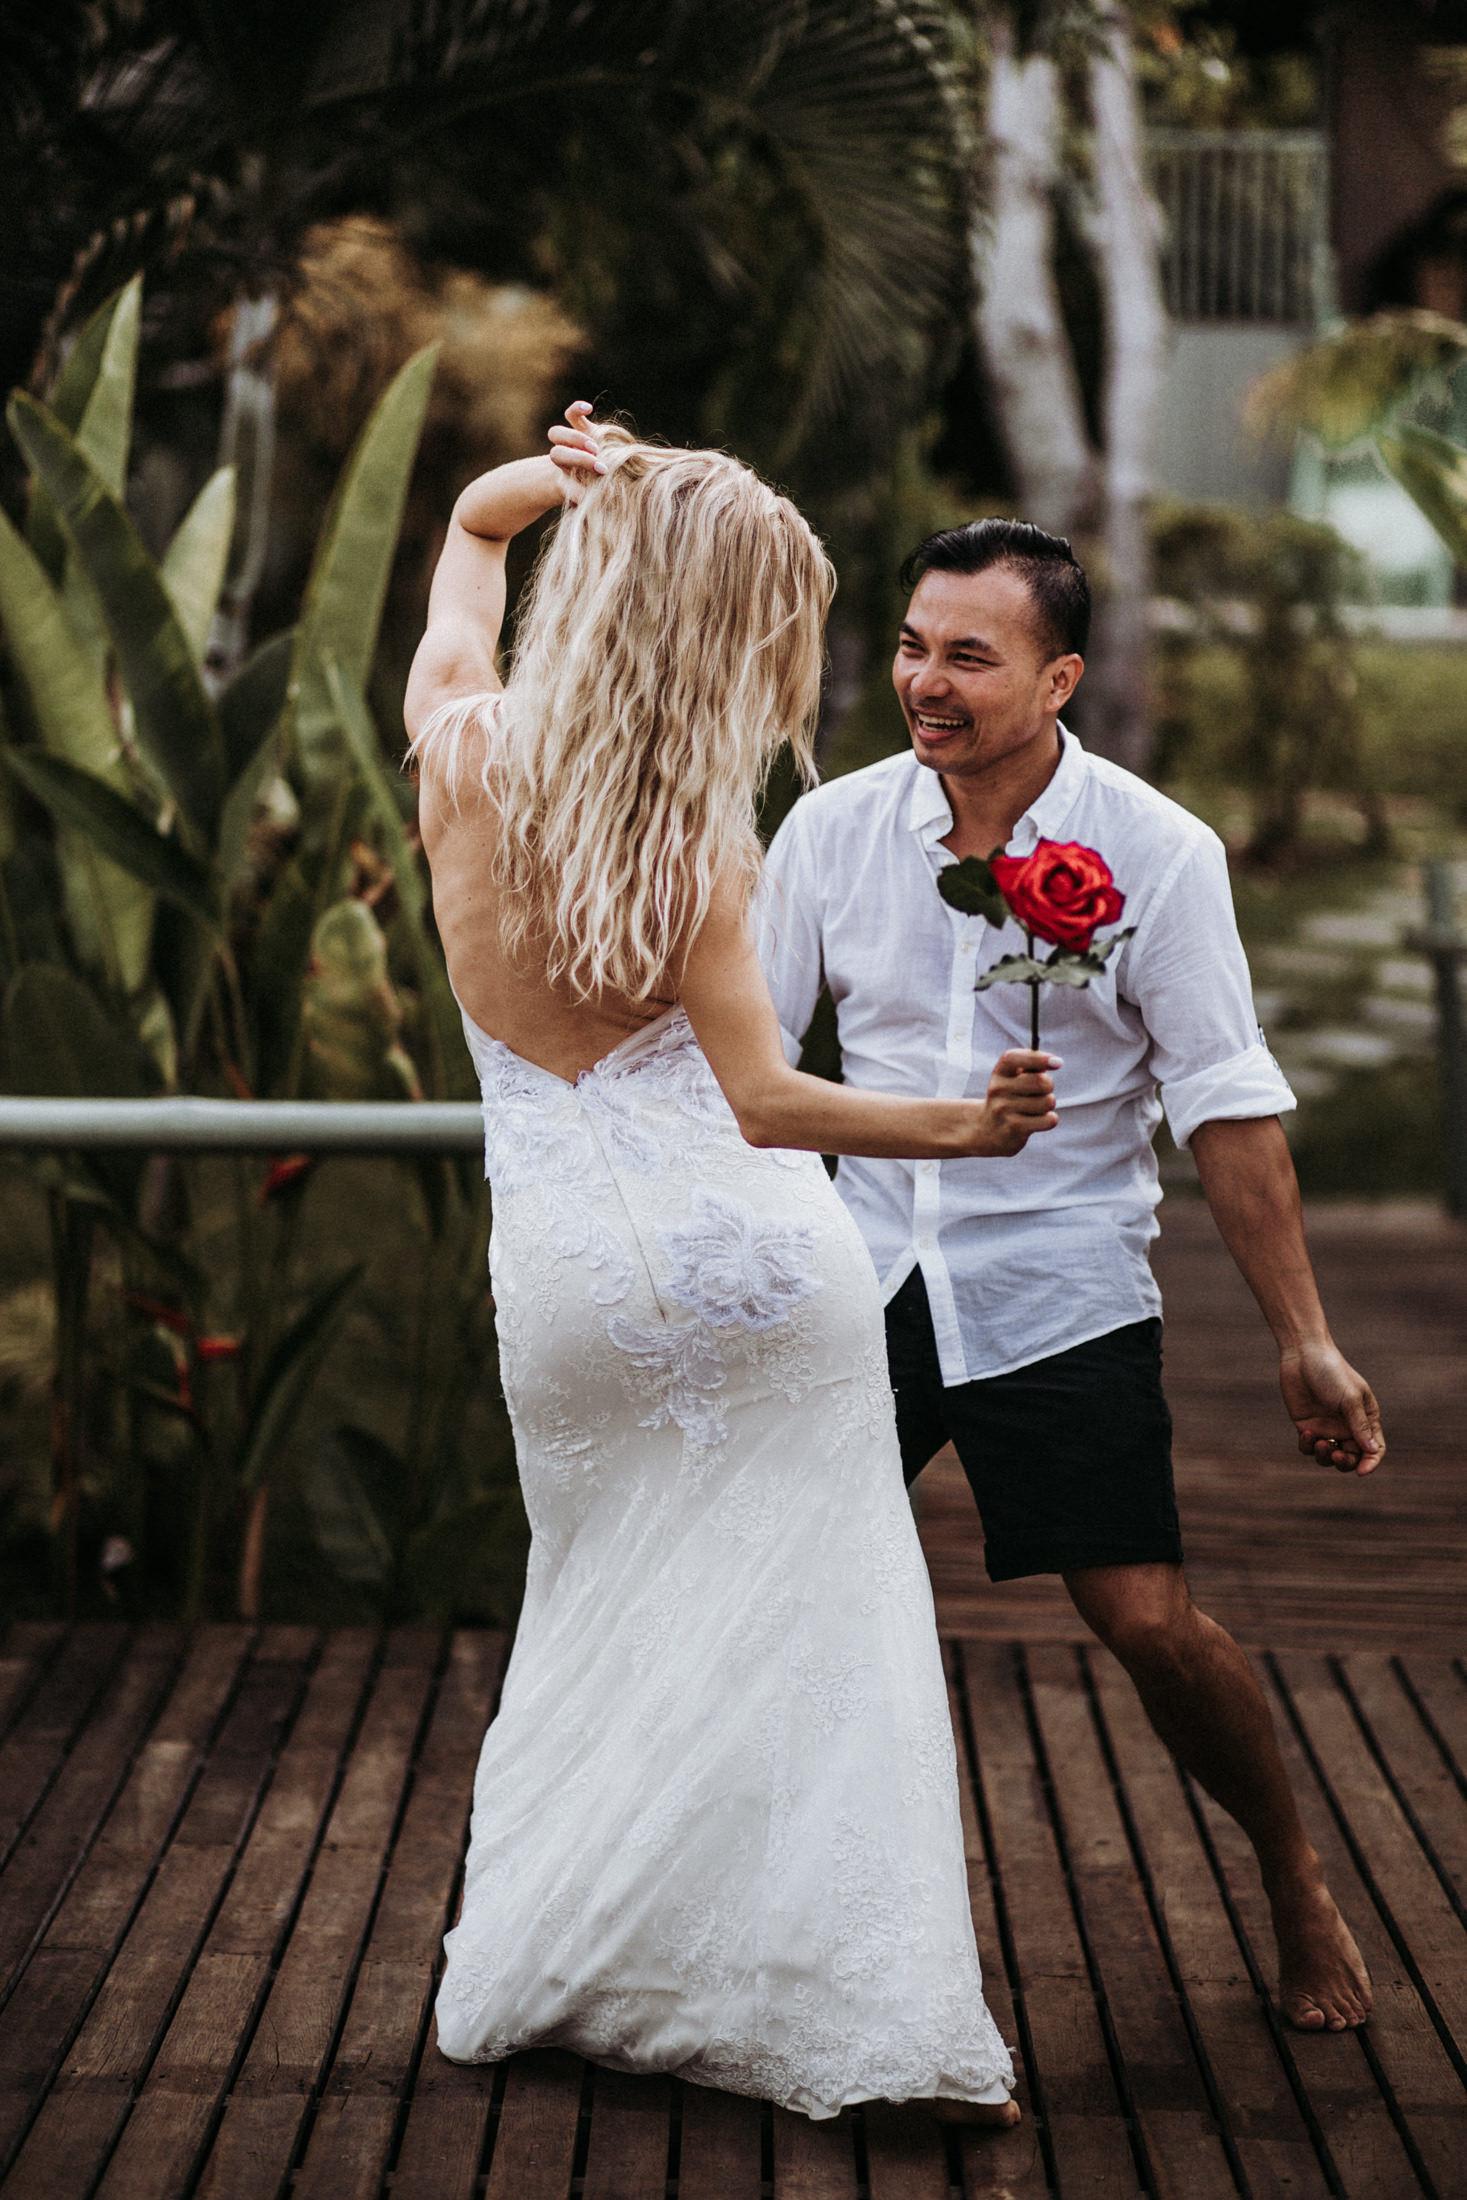 DanielaMarquardt_Wedding_Thailand_489